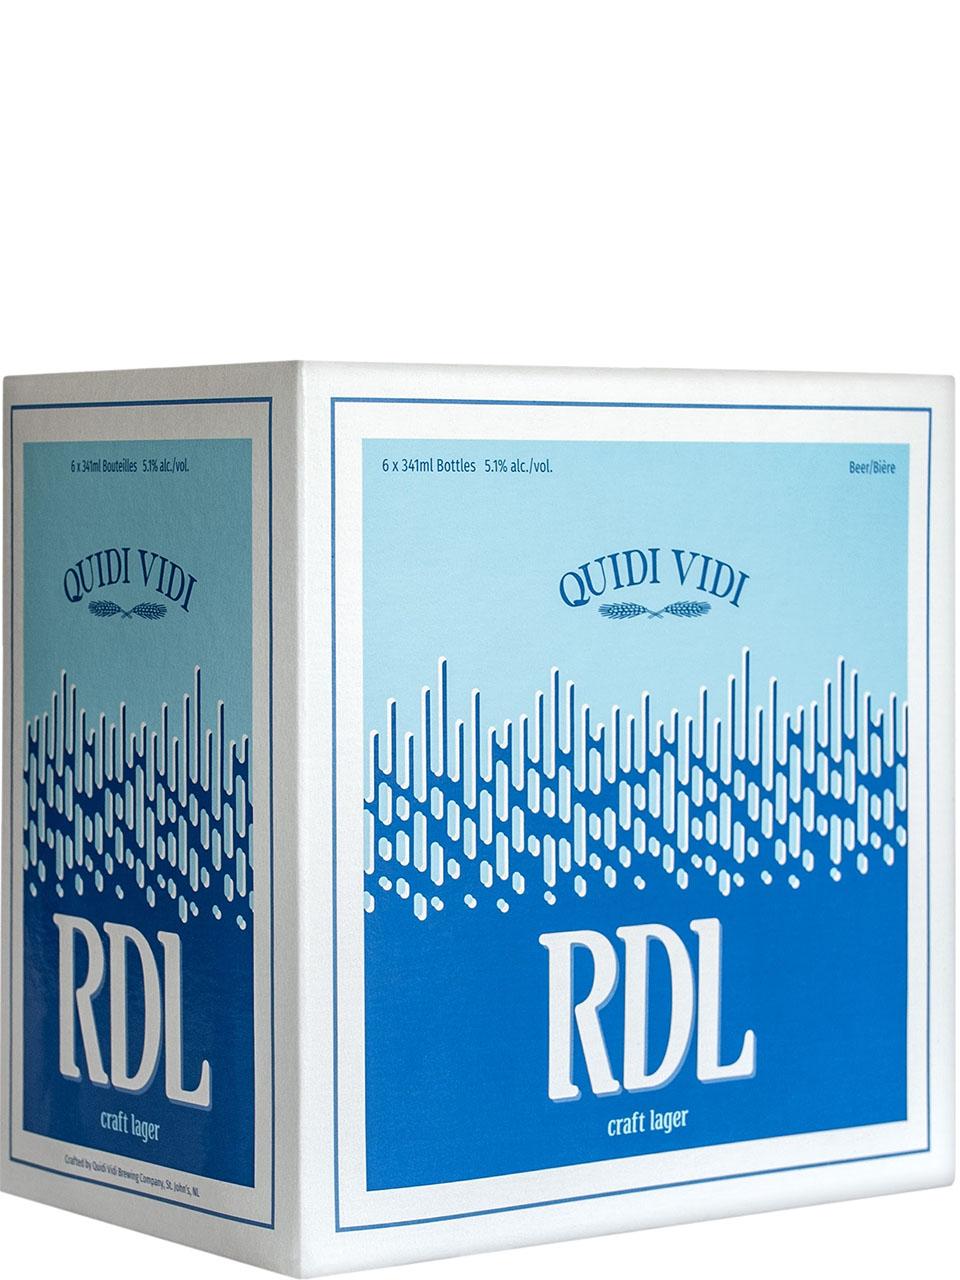 Quidi Vidi RDL Lager 12 Pack Bottles